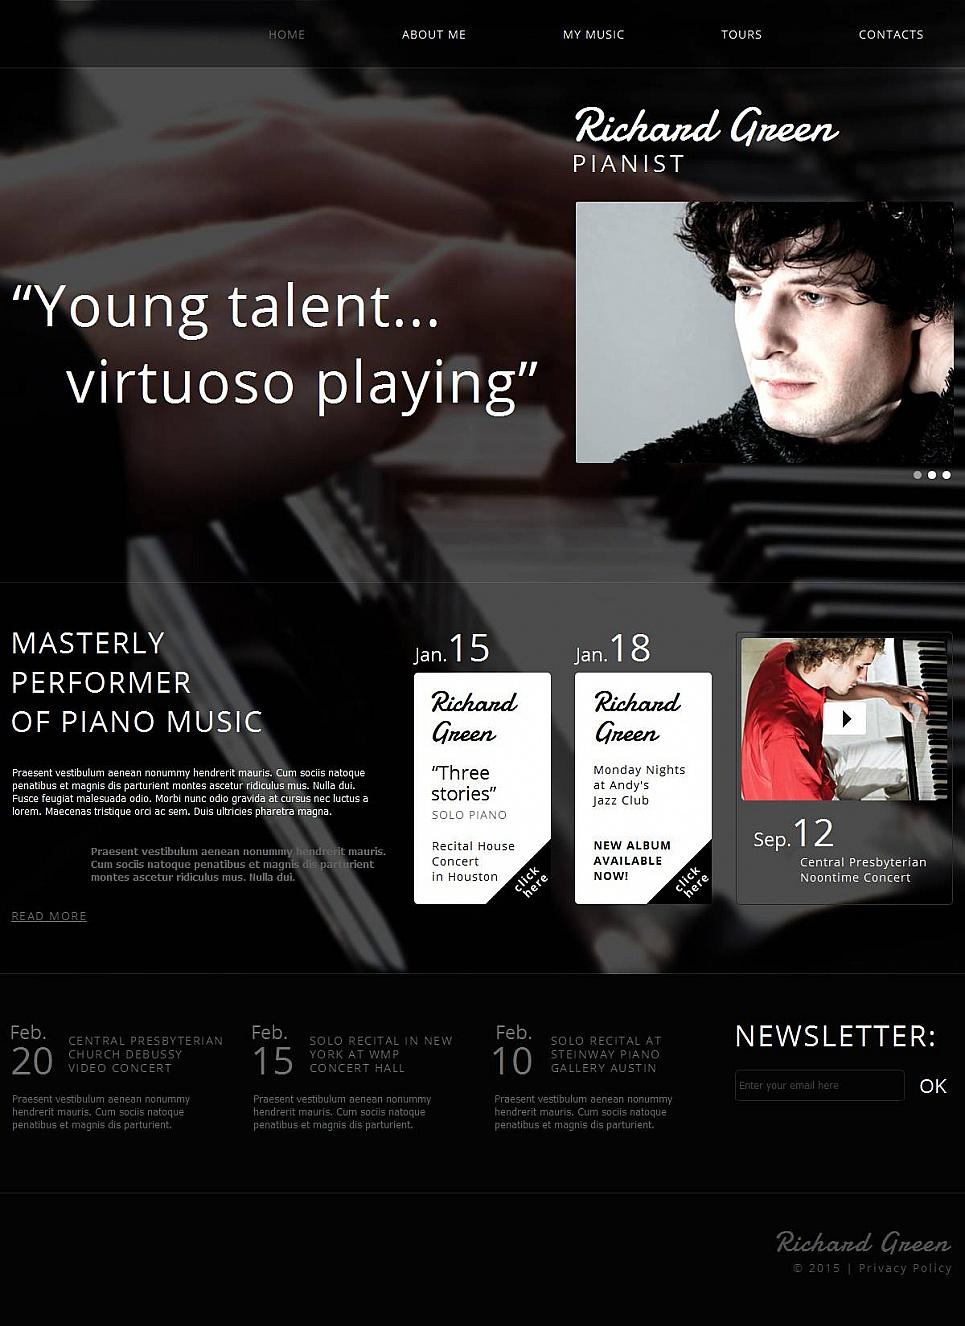 Webseite-Vorlage für einen Musiker - image